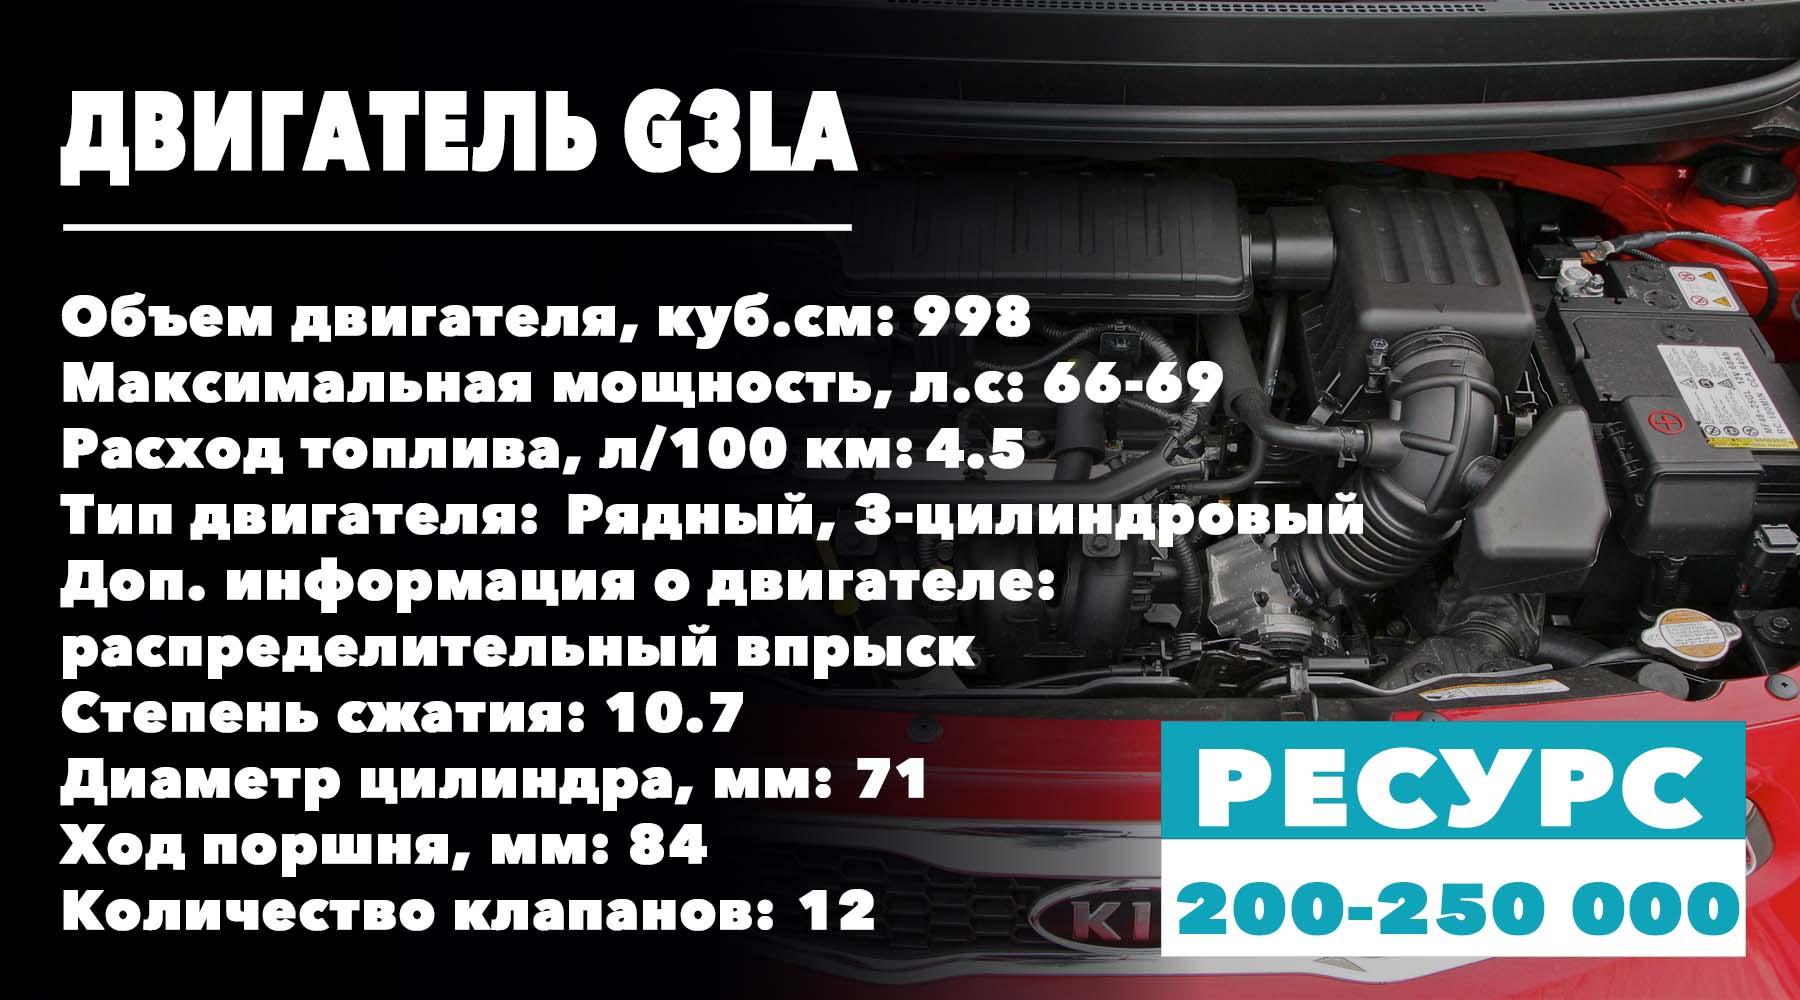 Ресурс двигателя G3LA 1.0 Киа Пиканто